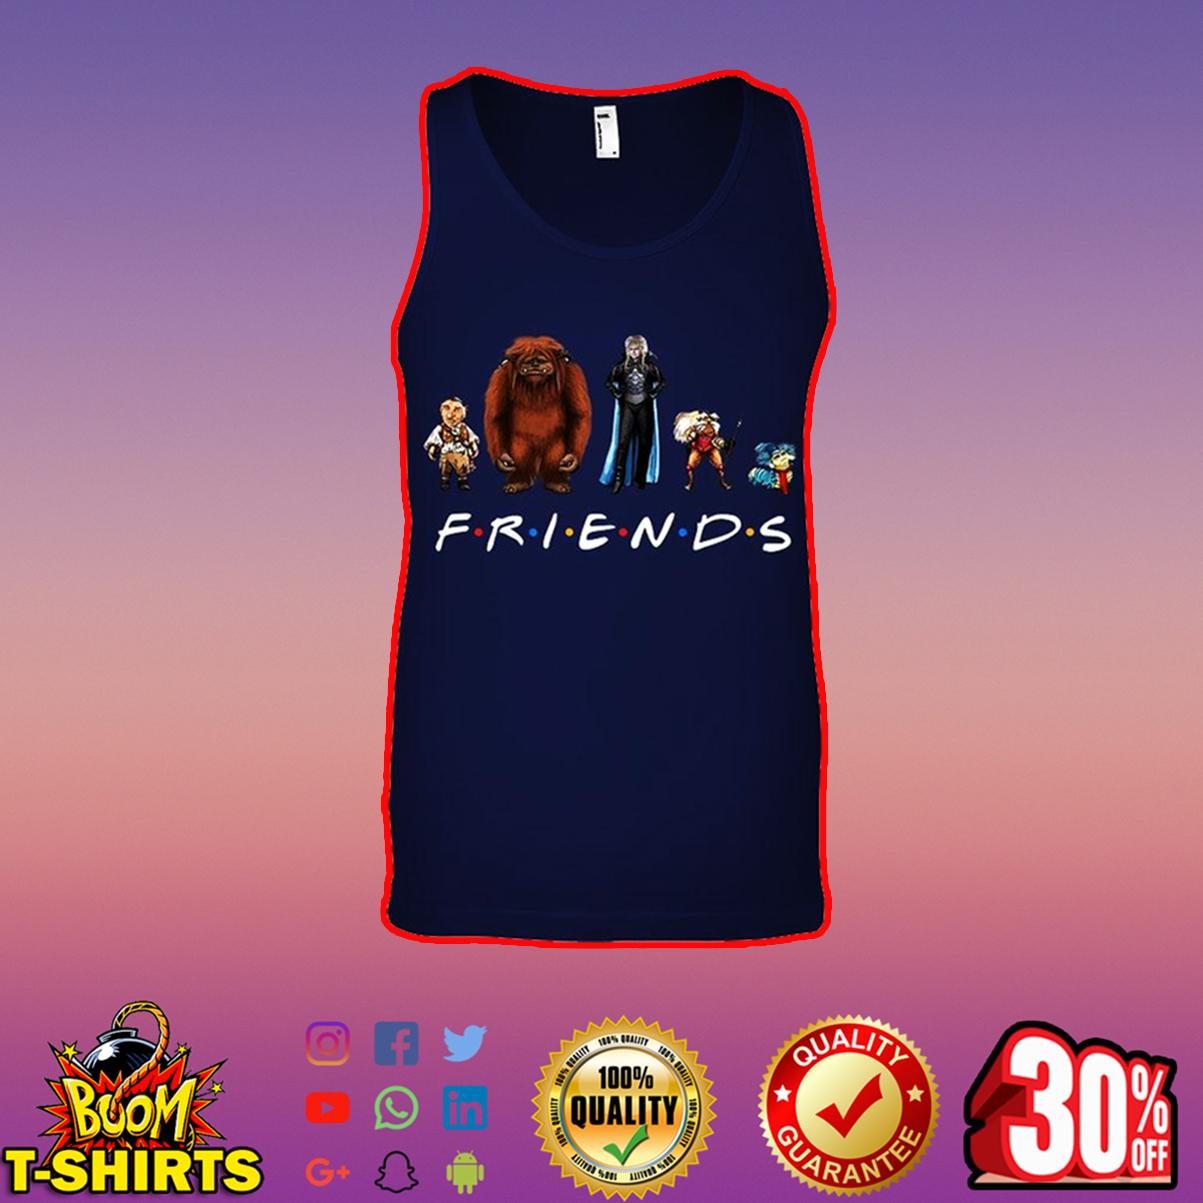 Labyrinth friends tank top